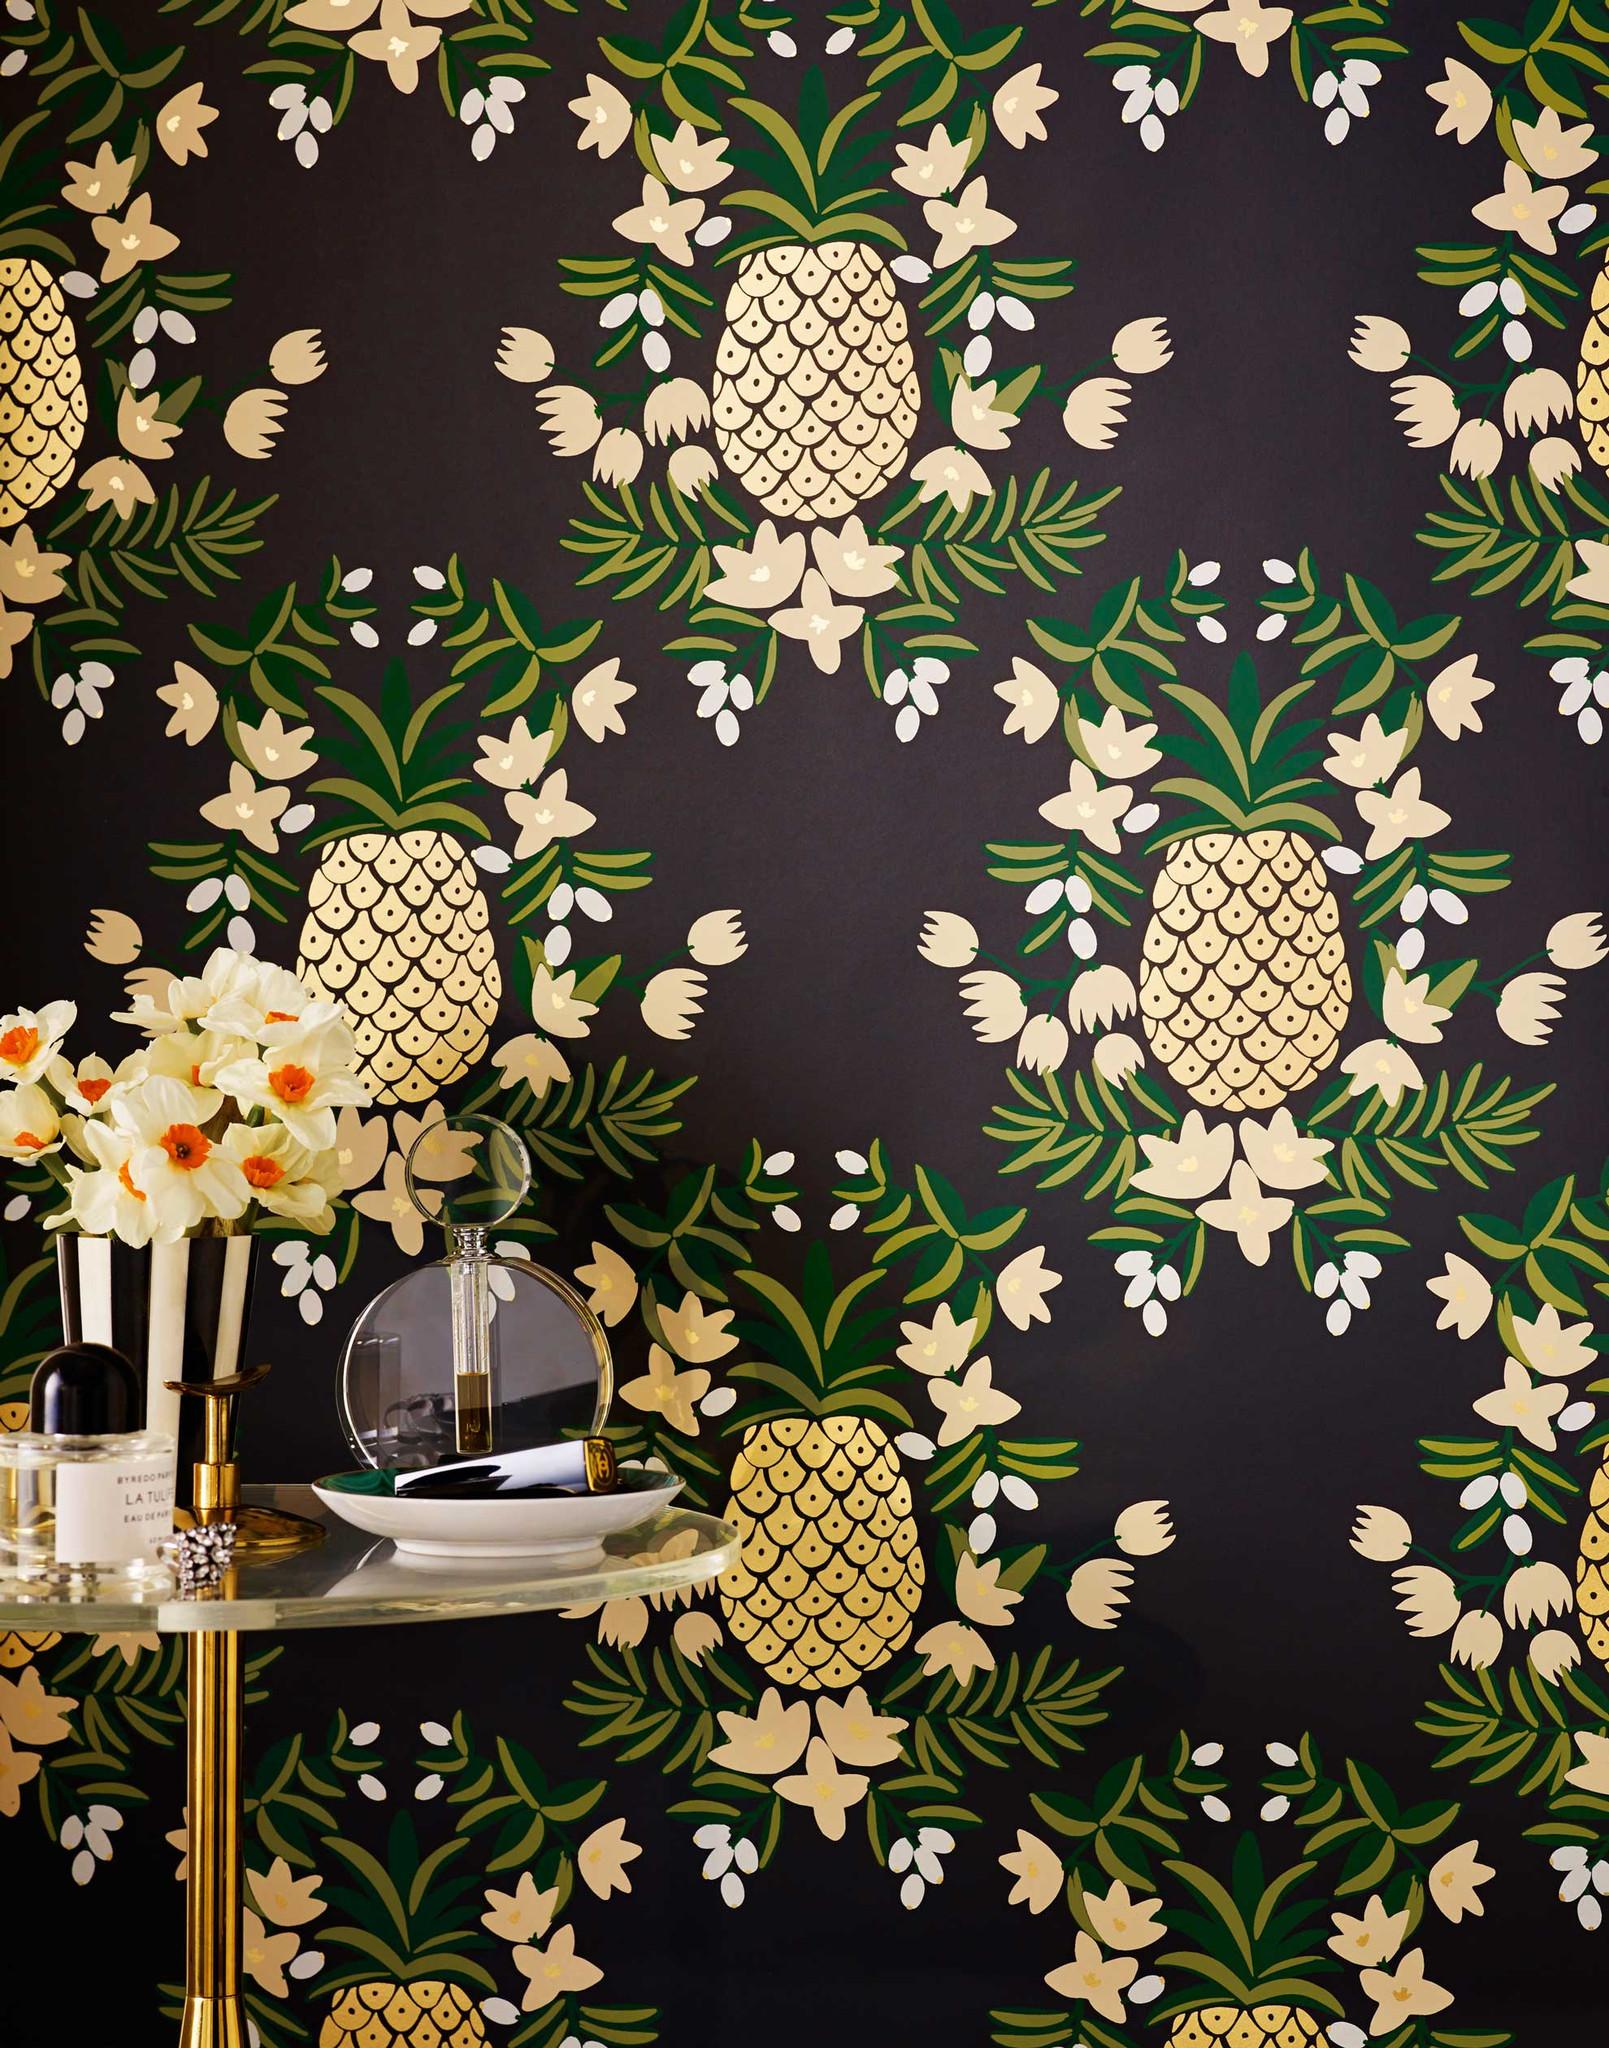 Pineapple (Ebony) | Hygge & West